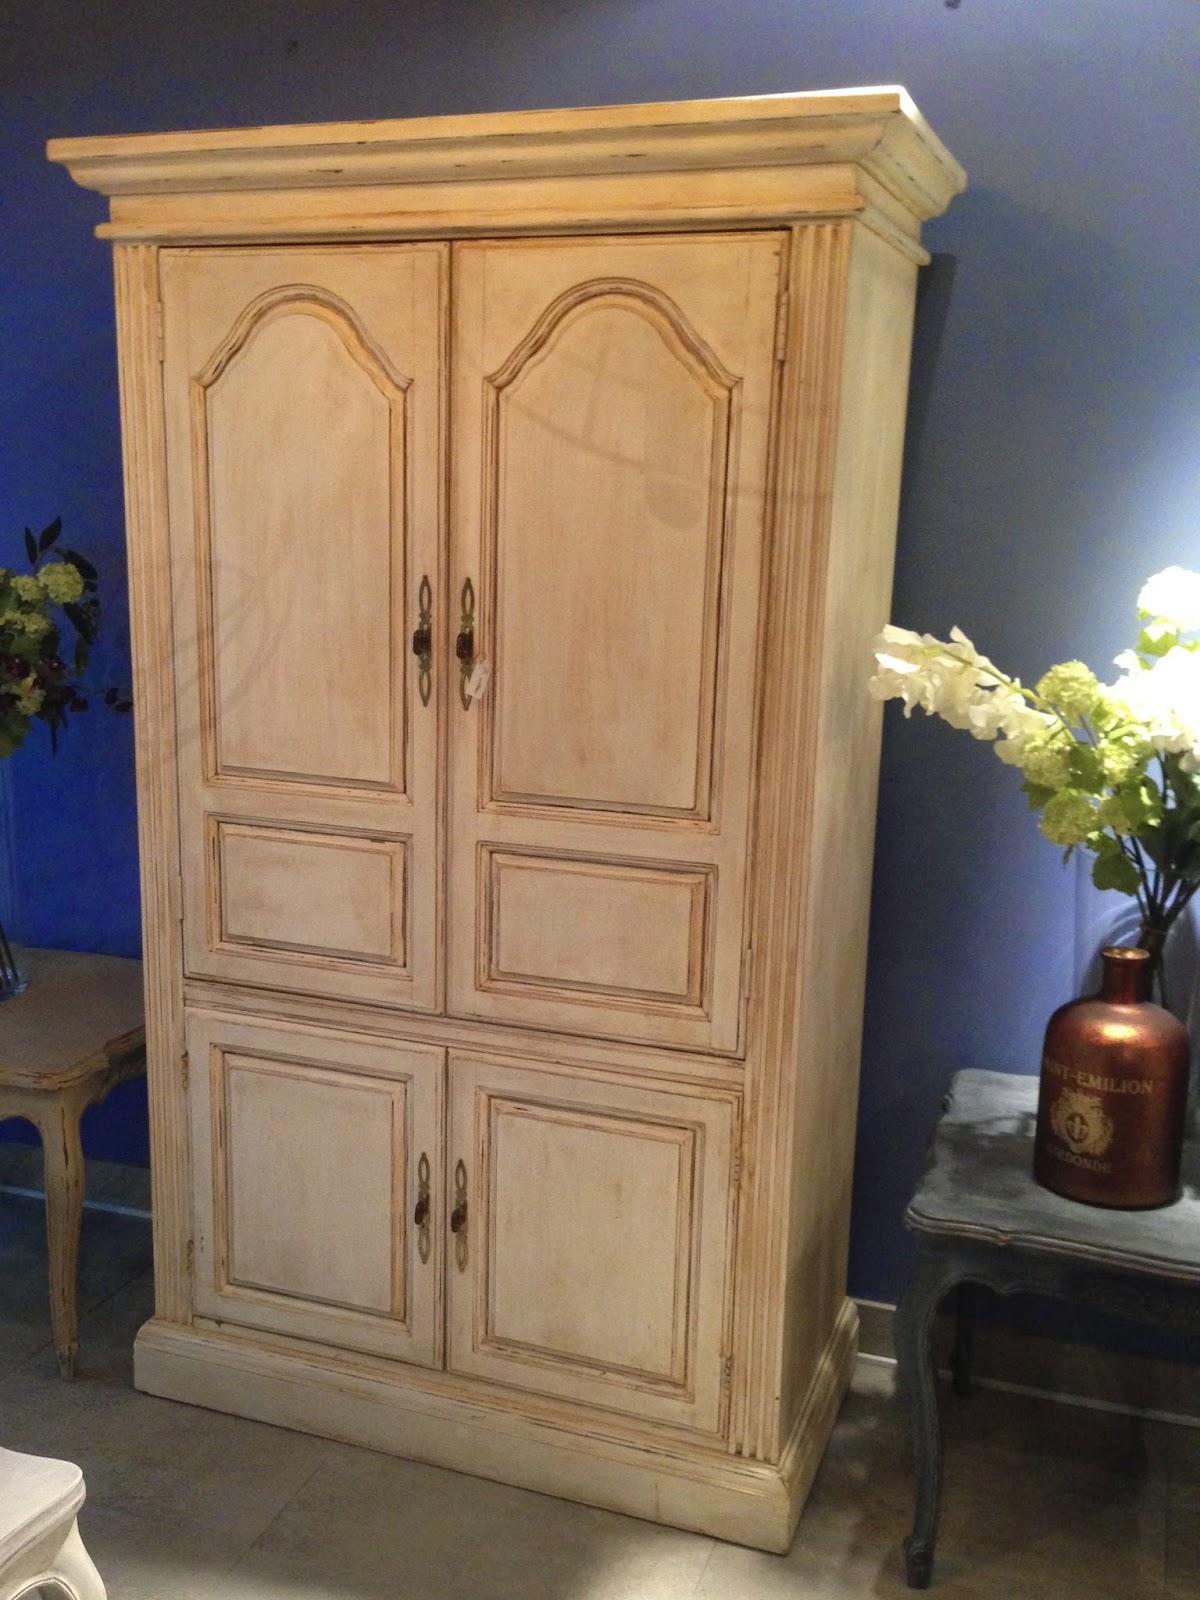 El taller de lino y encino for Muebles vintage mexico